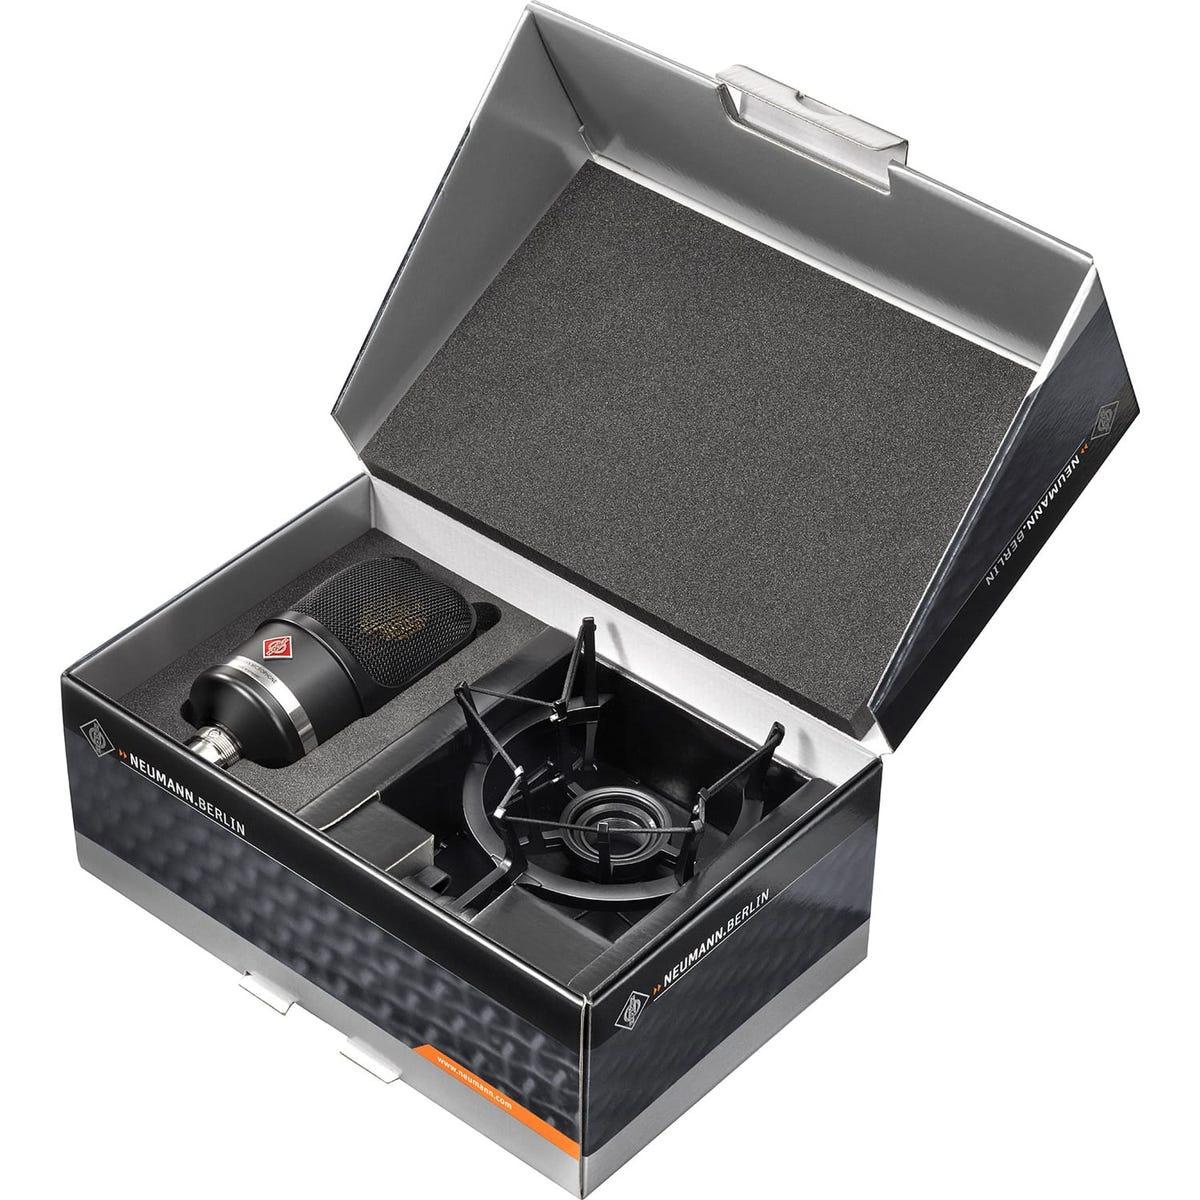 Neumann TLM107 Condenser Microphone Studio Set - Black